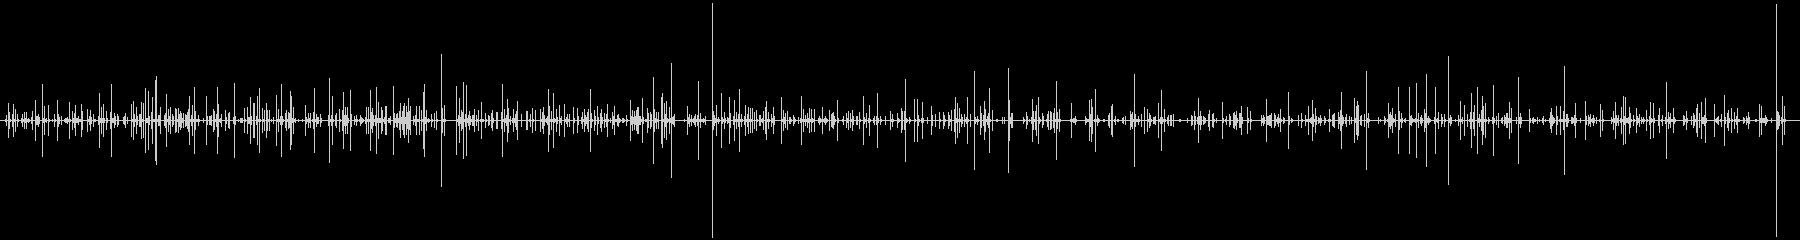 タイピング音(キーボード)1分間の未再生の波形